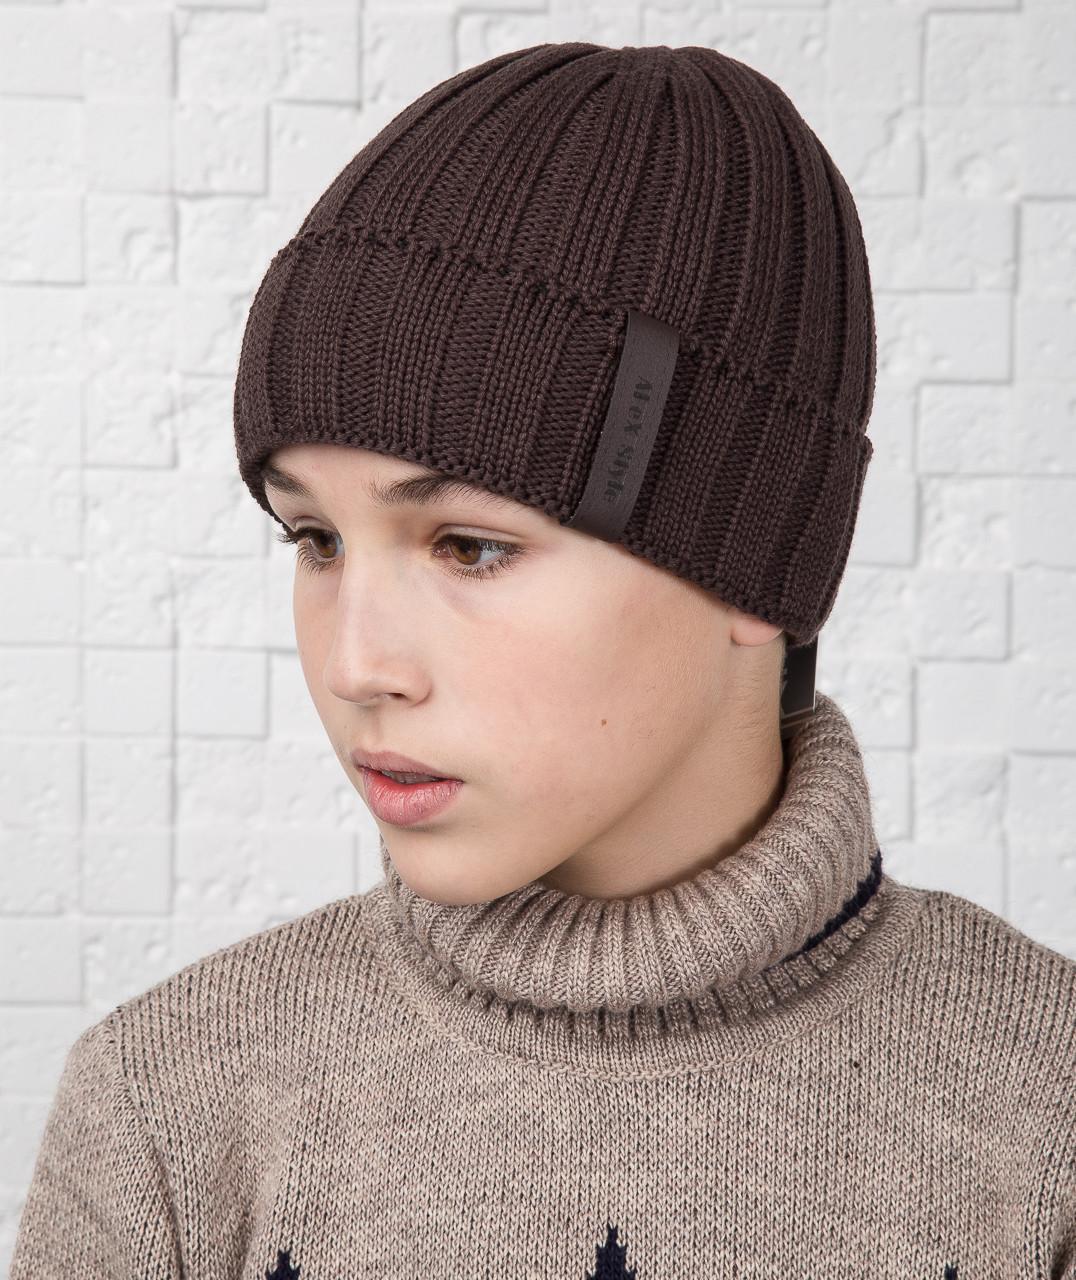 Шапка для мальчика подростка из вязки на флисе - Артикул AL17037